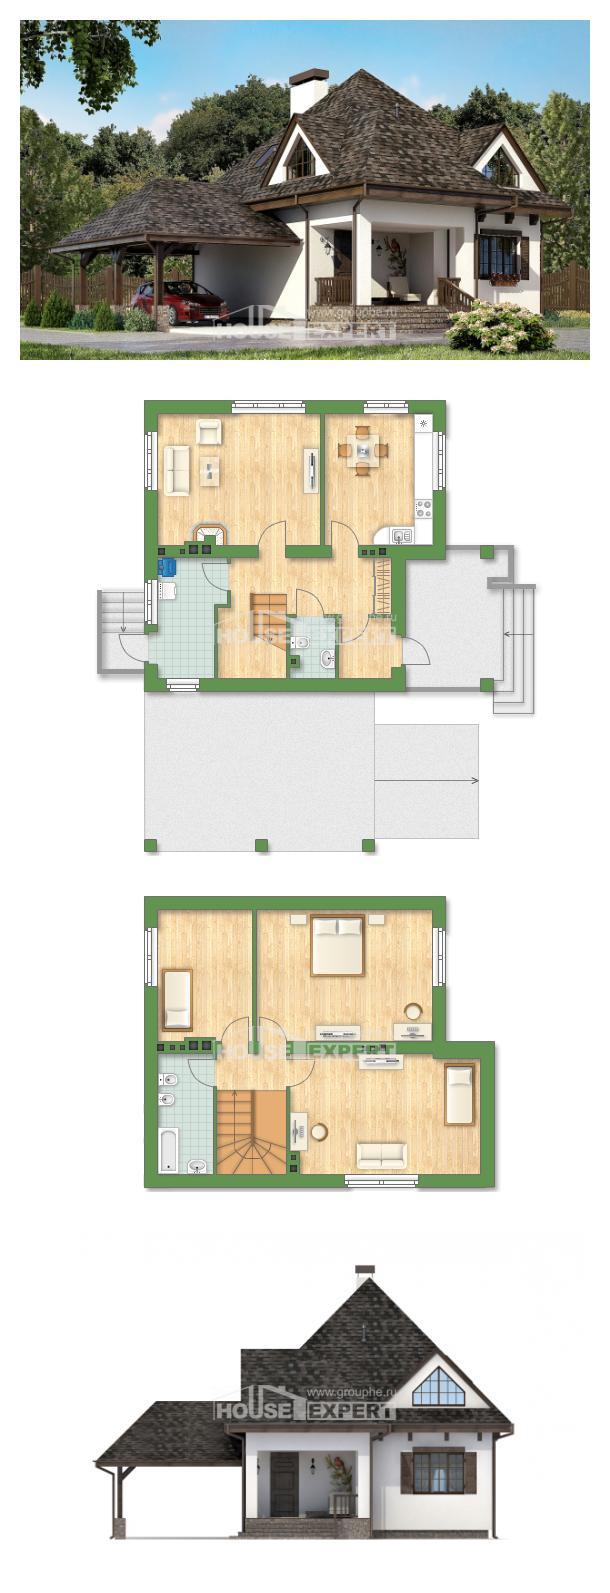 Plan 110-002-L | House Expert